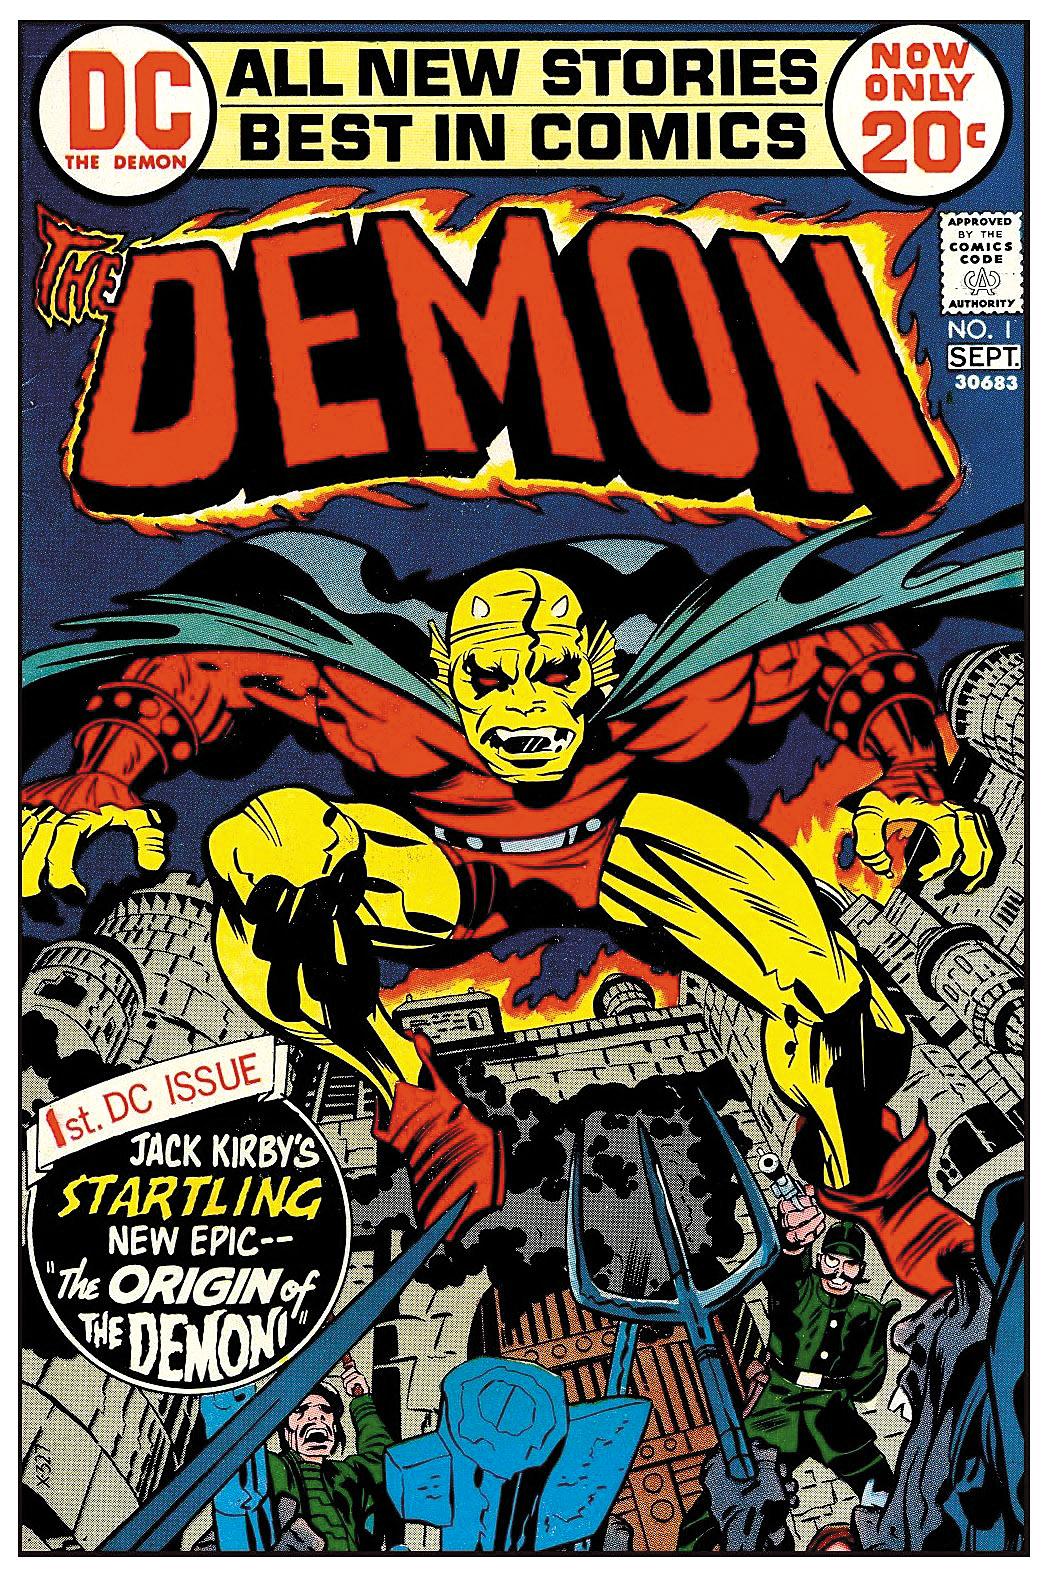 The Demon nº 1